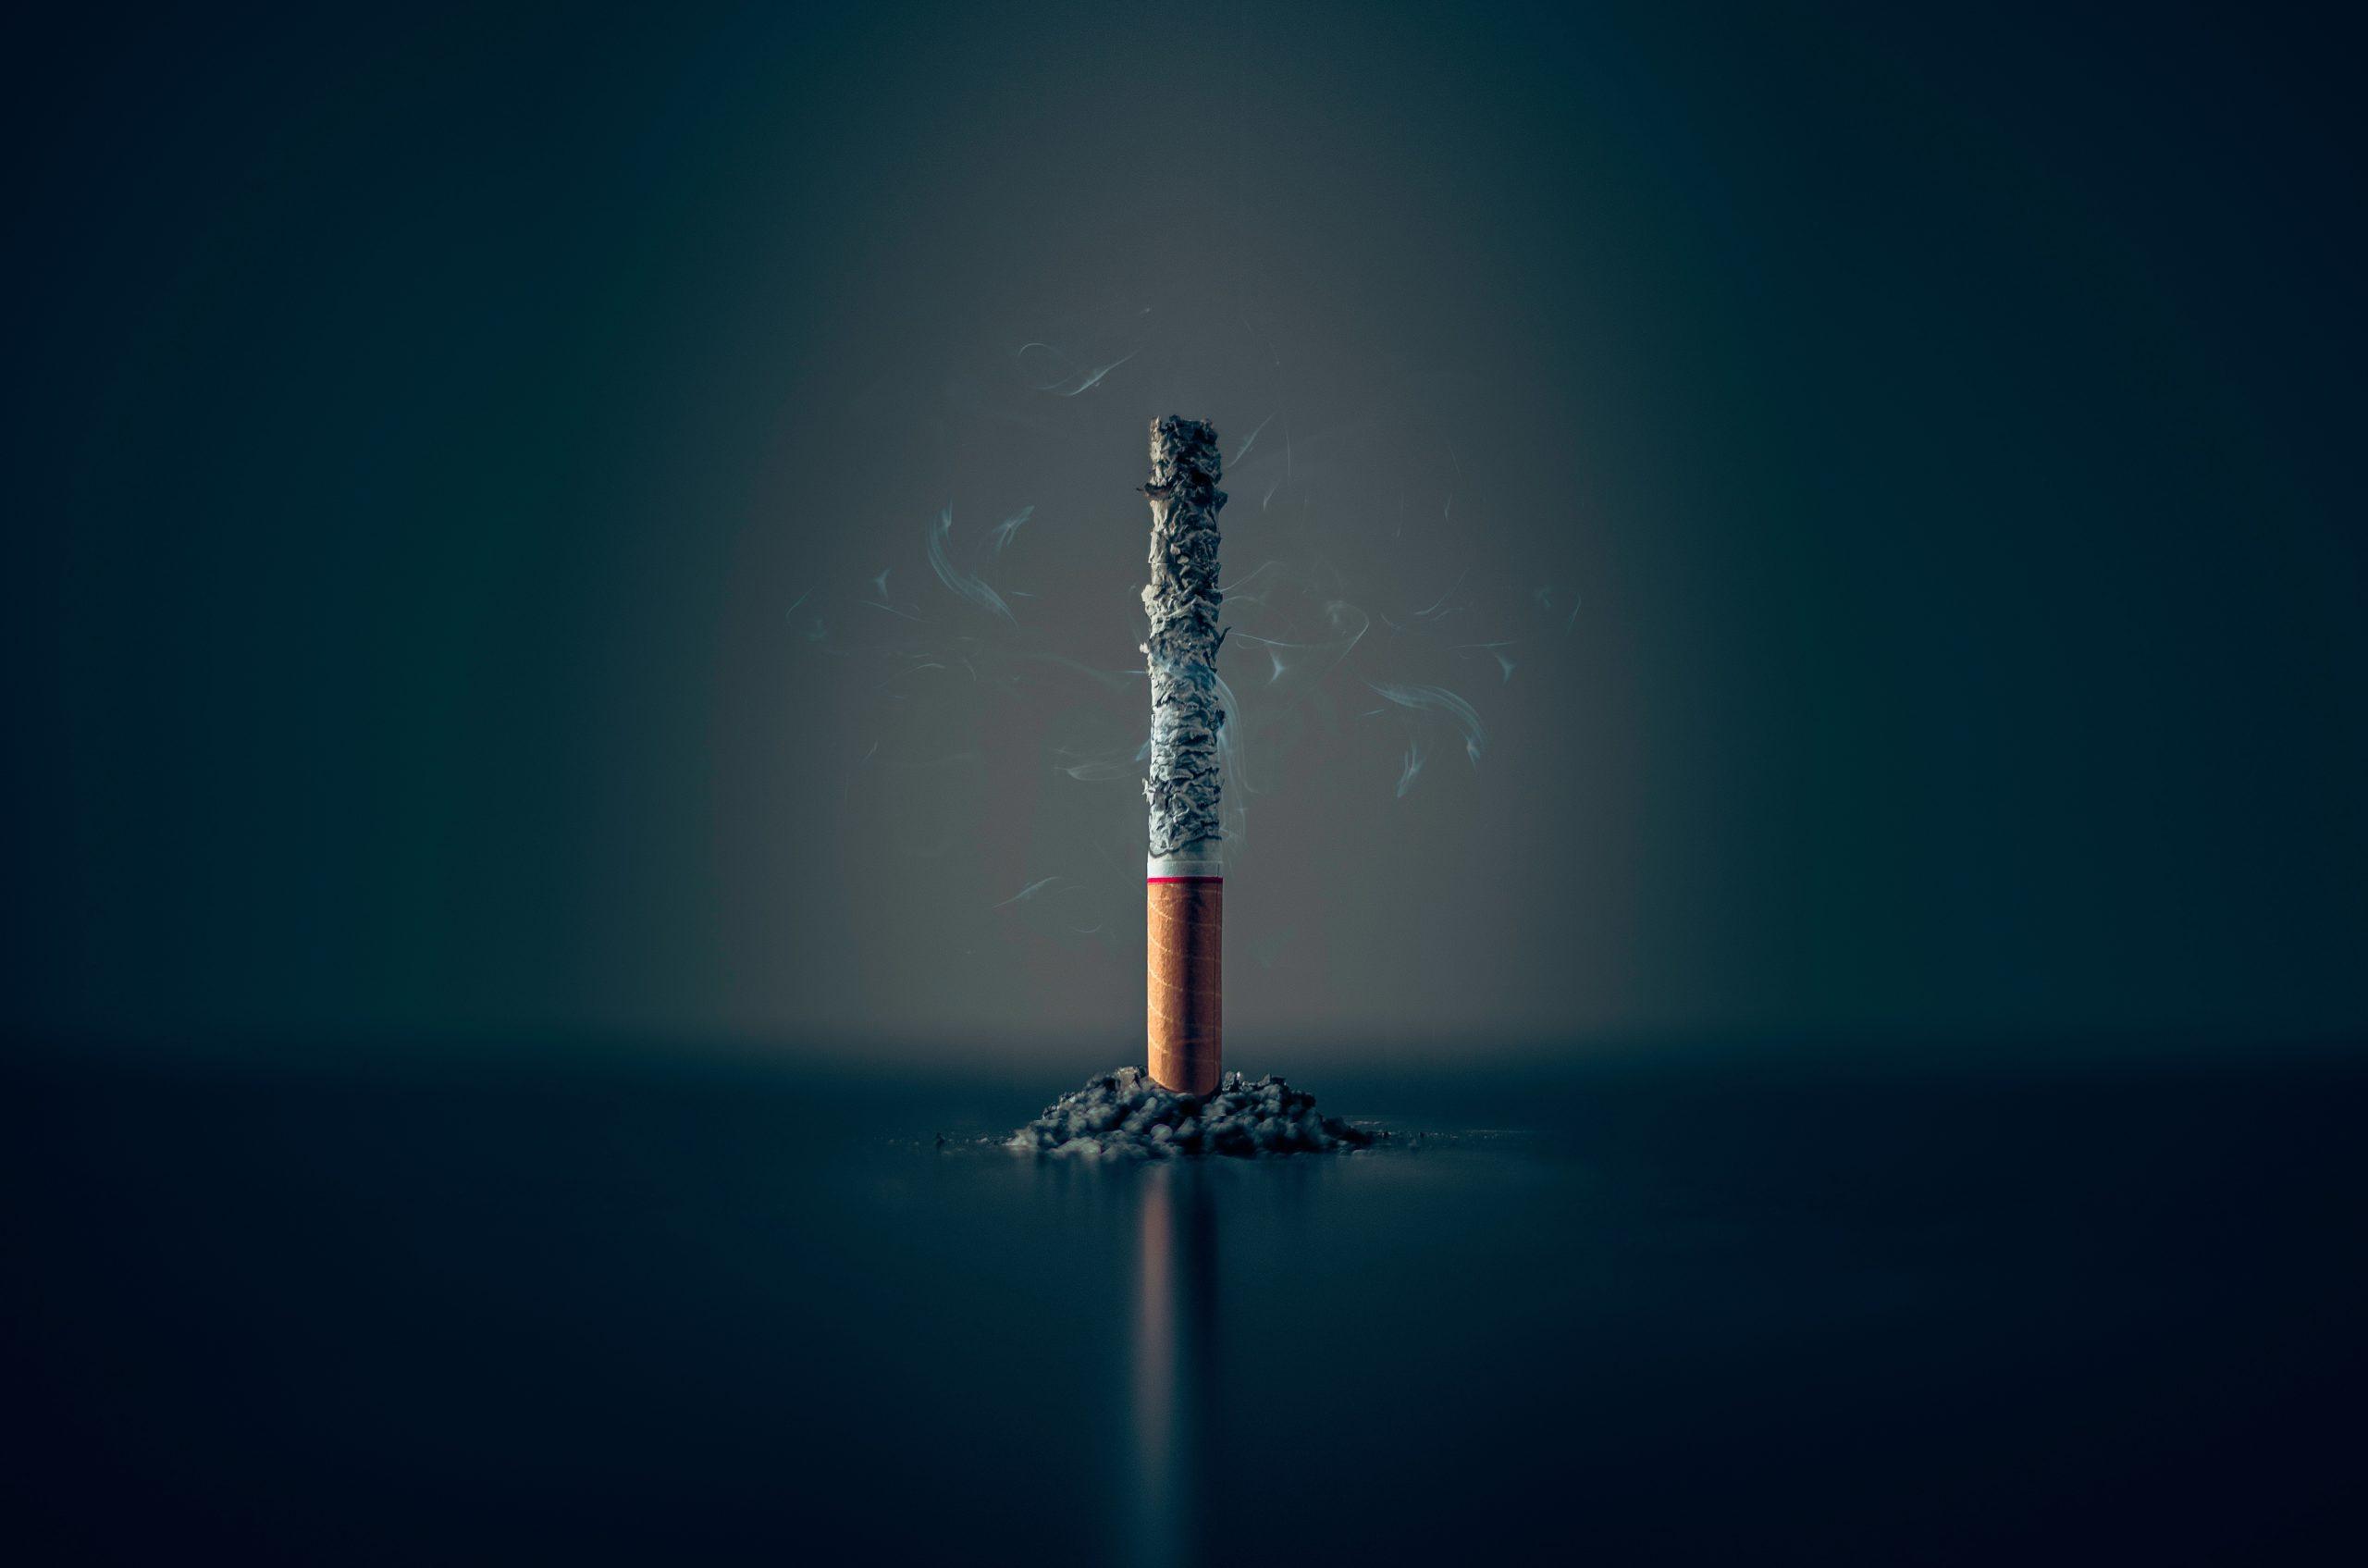 たばこの小売販売の許可